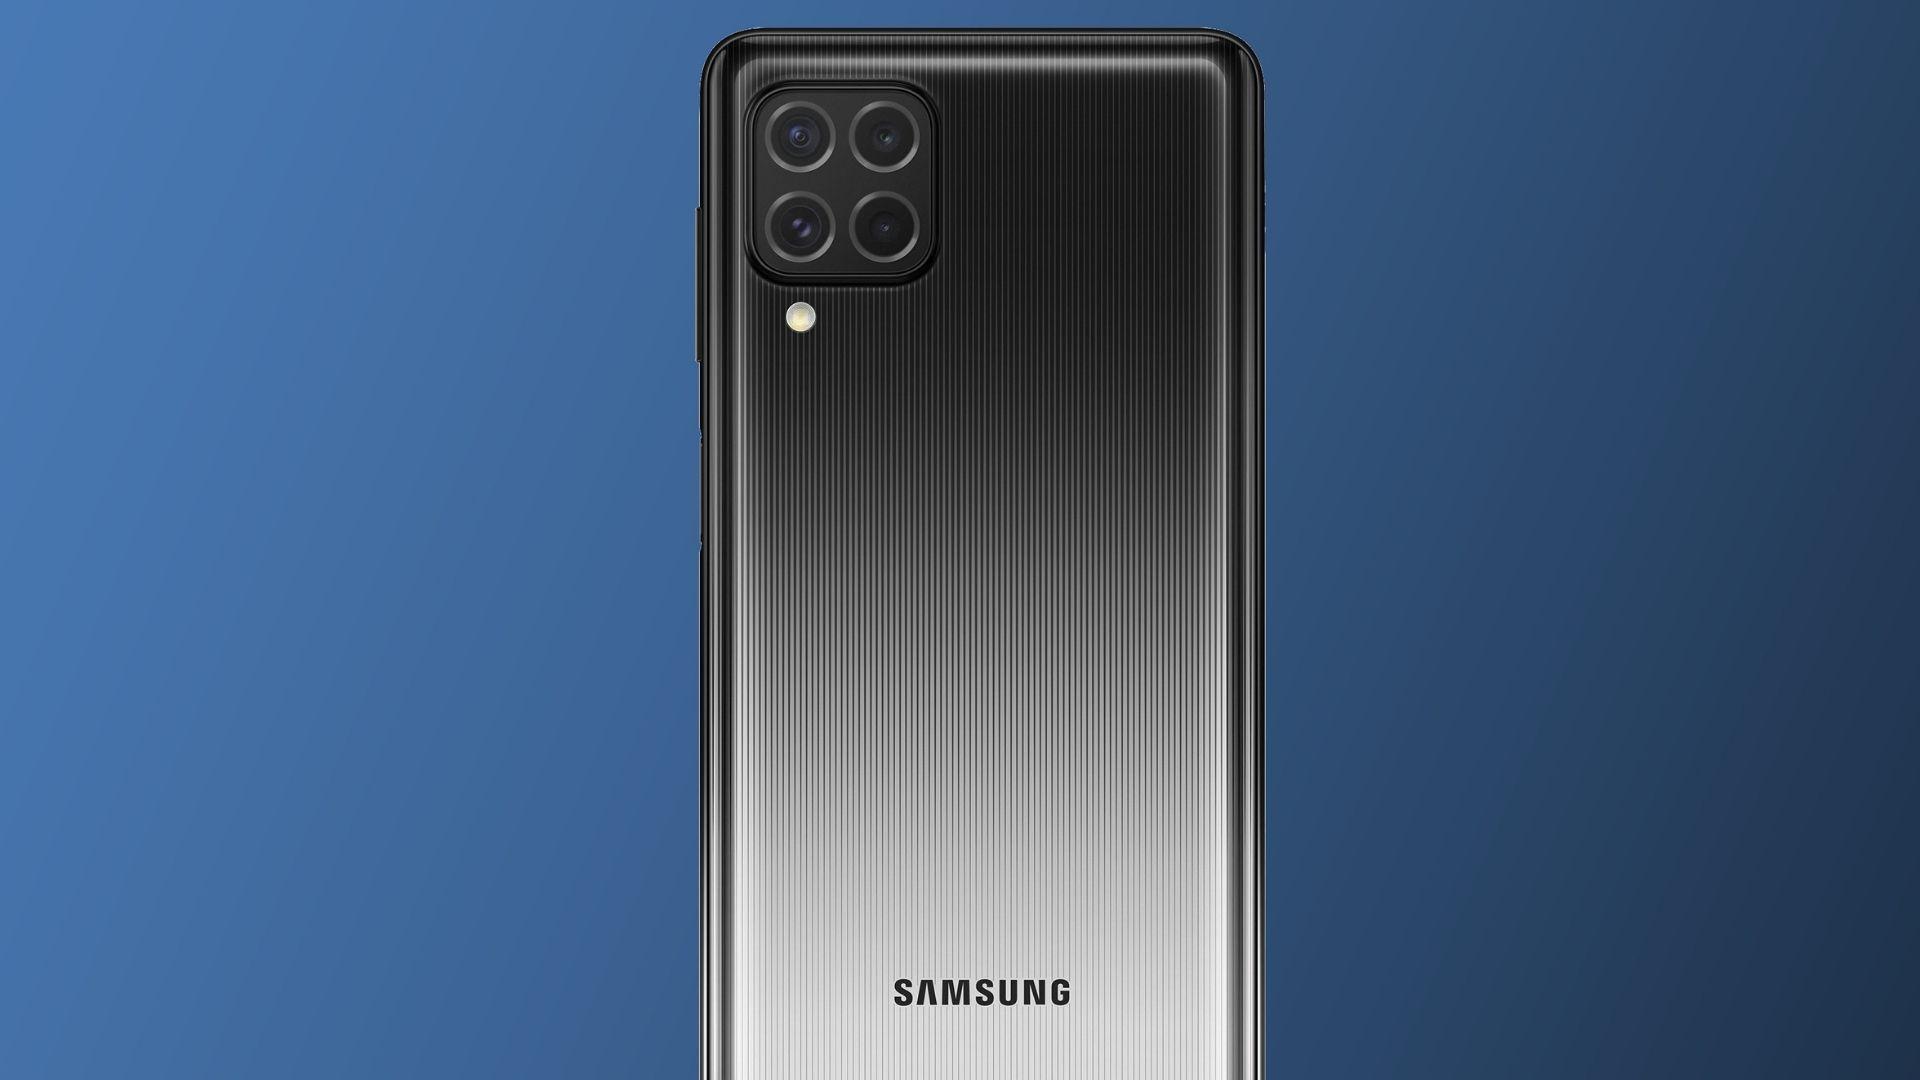 Celular Galaxy M62 com traseira destacada na cor preta e em fundo azul